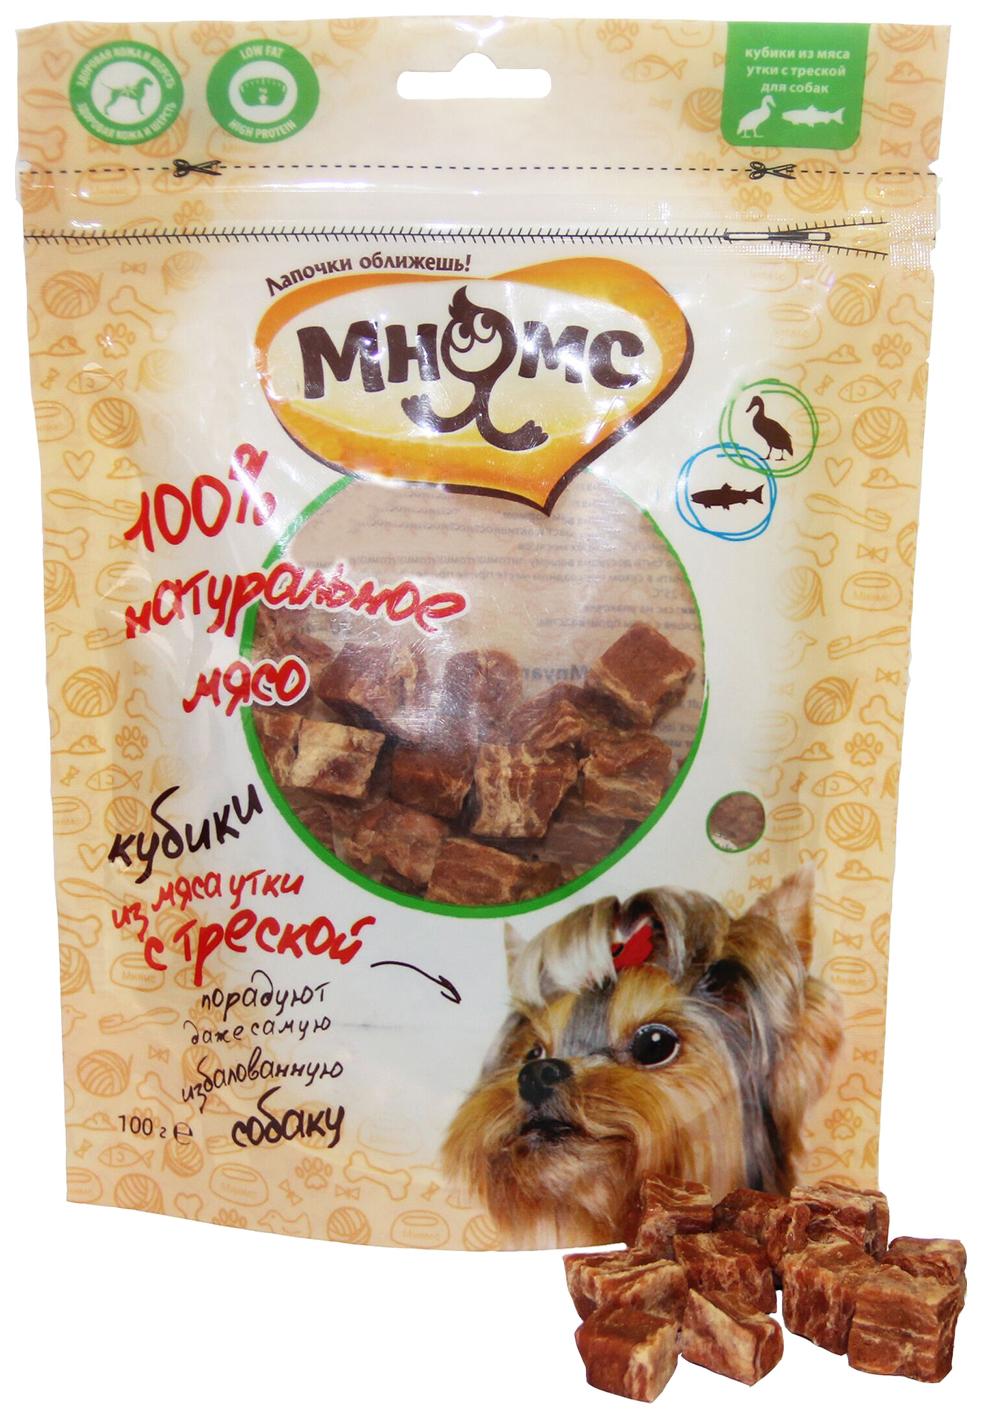 Лакомство для собак Мнямс, кубики из мяса, утка